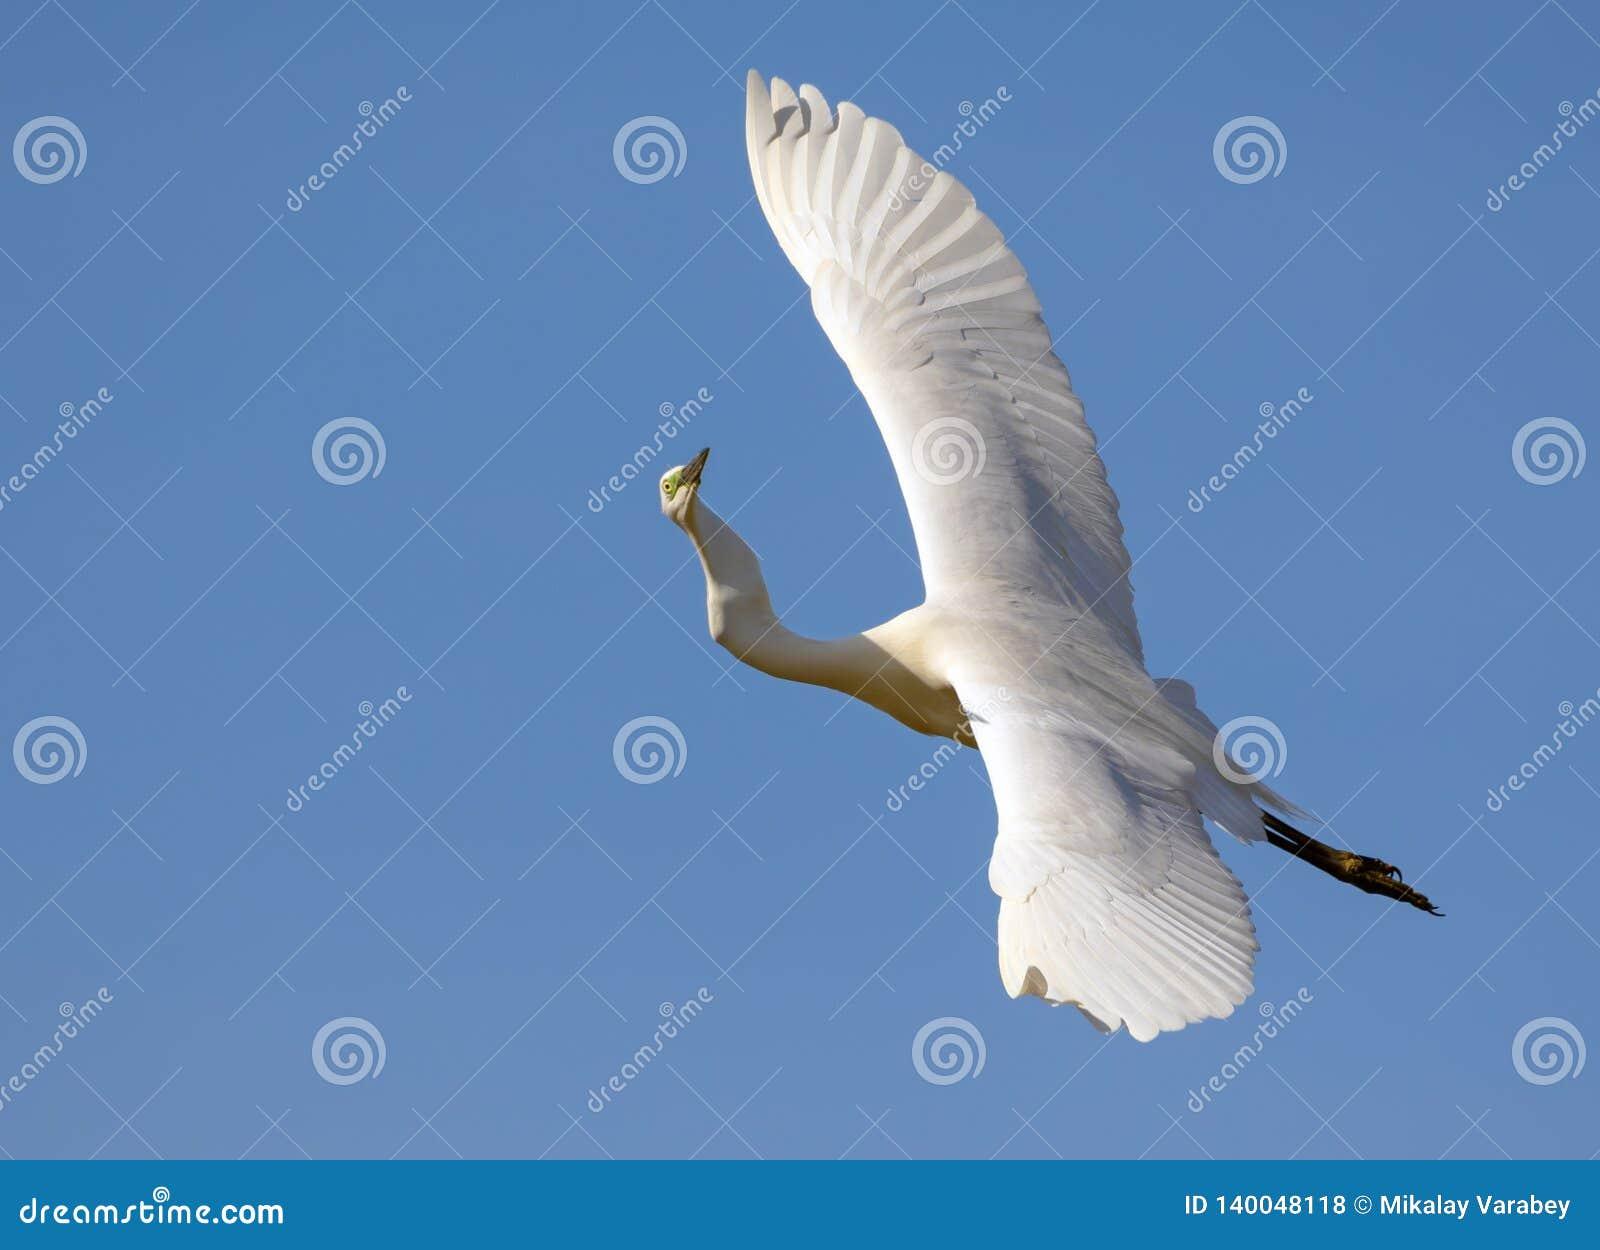 De rijpe Great White-Aigrette vliegt met volledig uitgerekte vleugels van hierboven en wierdly vastgelopen hals